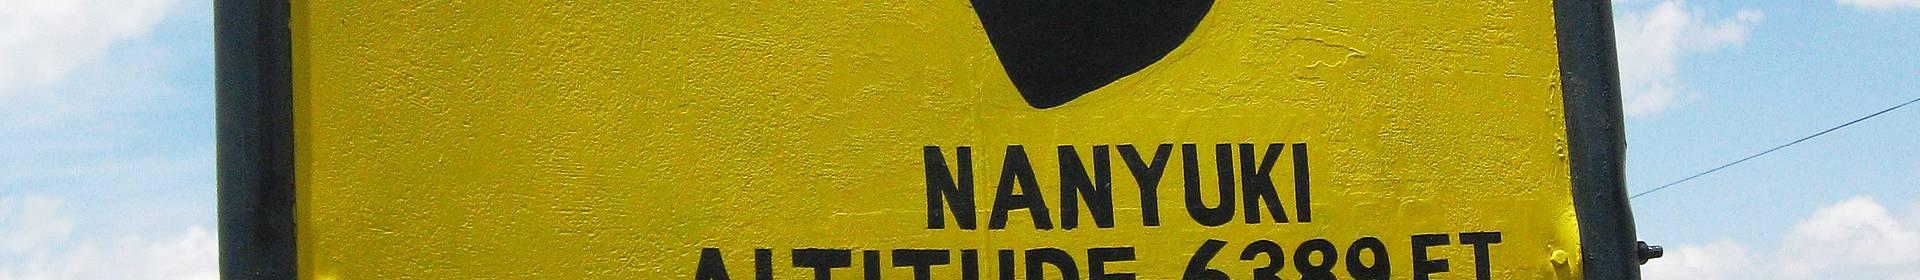 Nanyuki